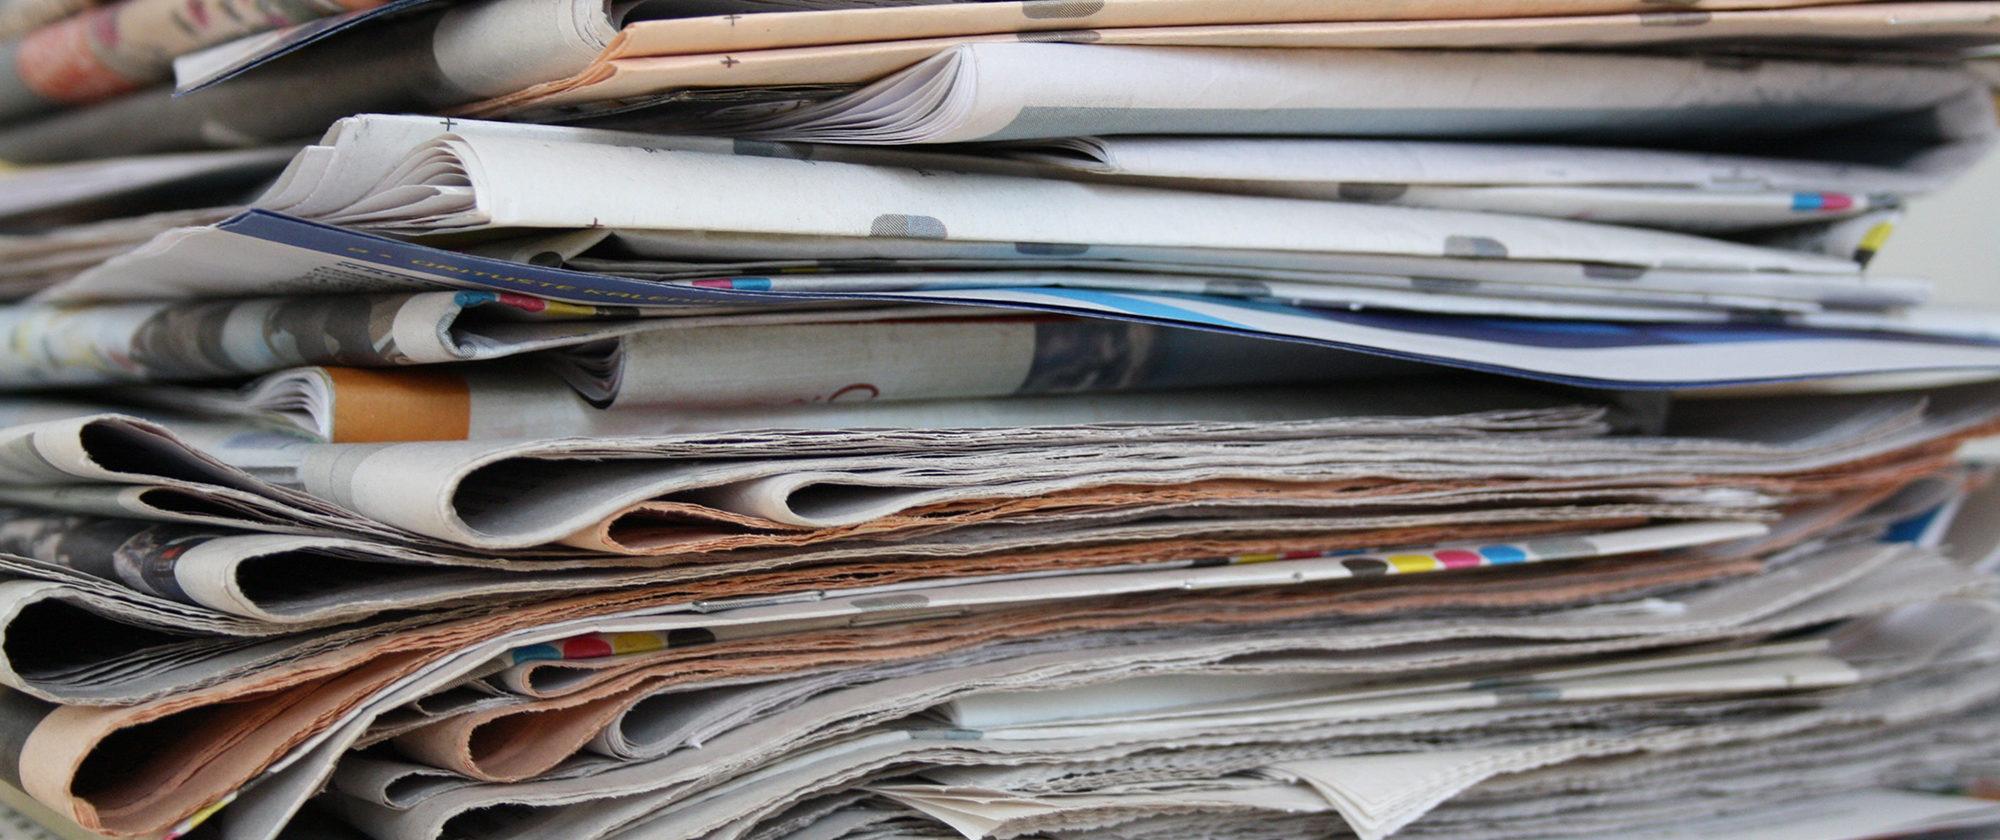 Los medios de comunicación tienen un gran potencial de influencia en la formación de opiniones y actitudes. El Informe Quiral ha estudiado su perspectiva de género en temas de salud.